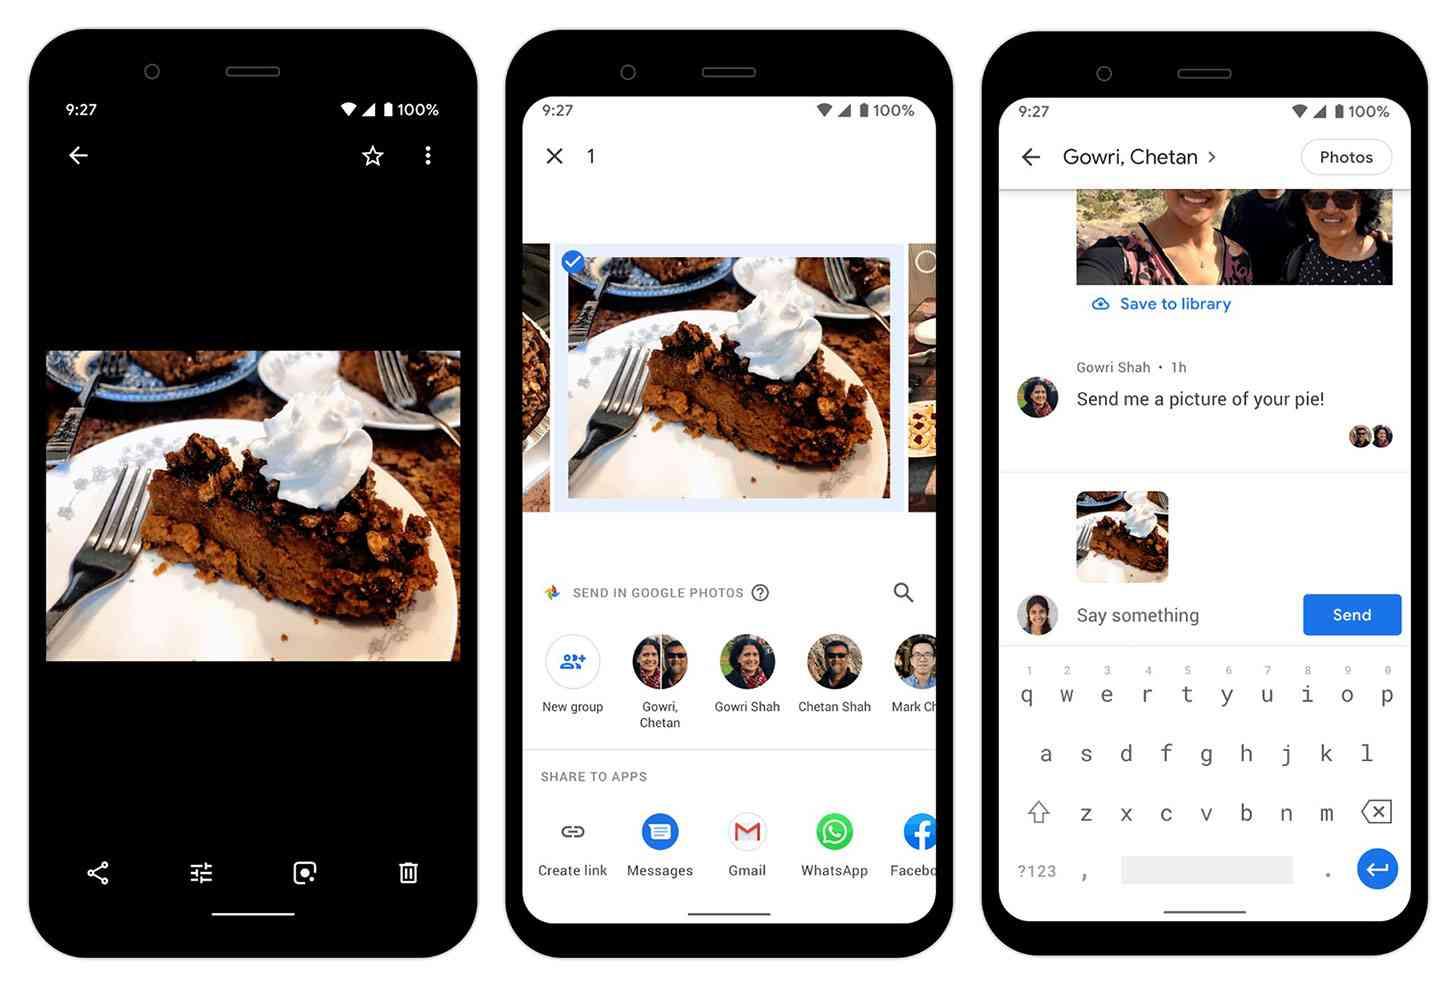 Google Photos messaging